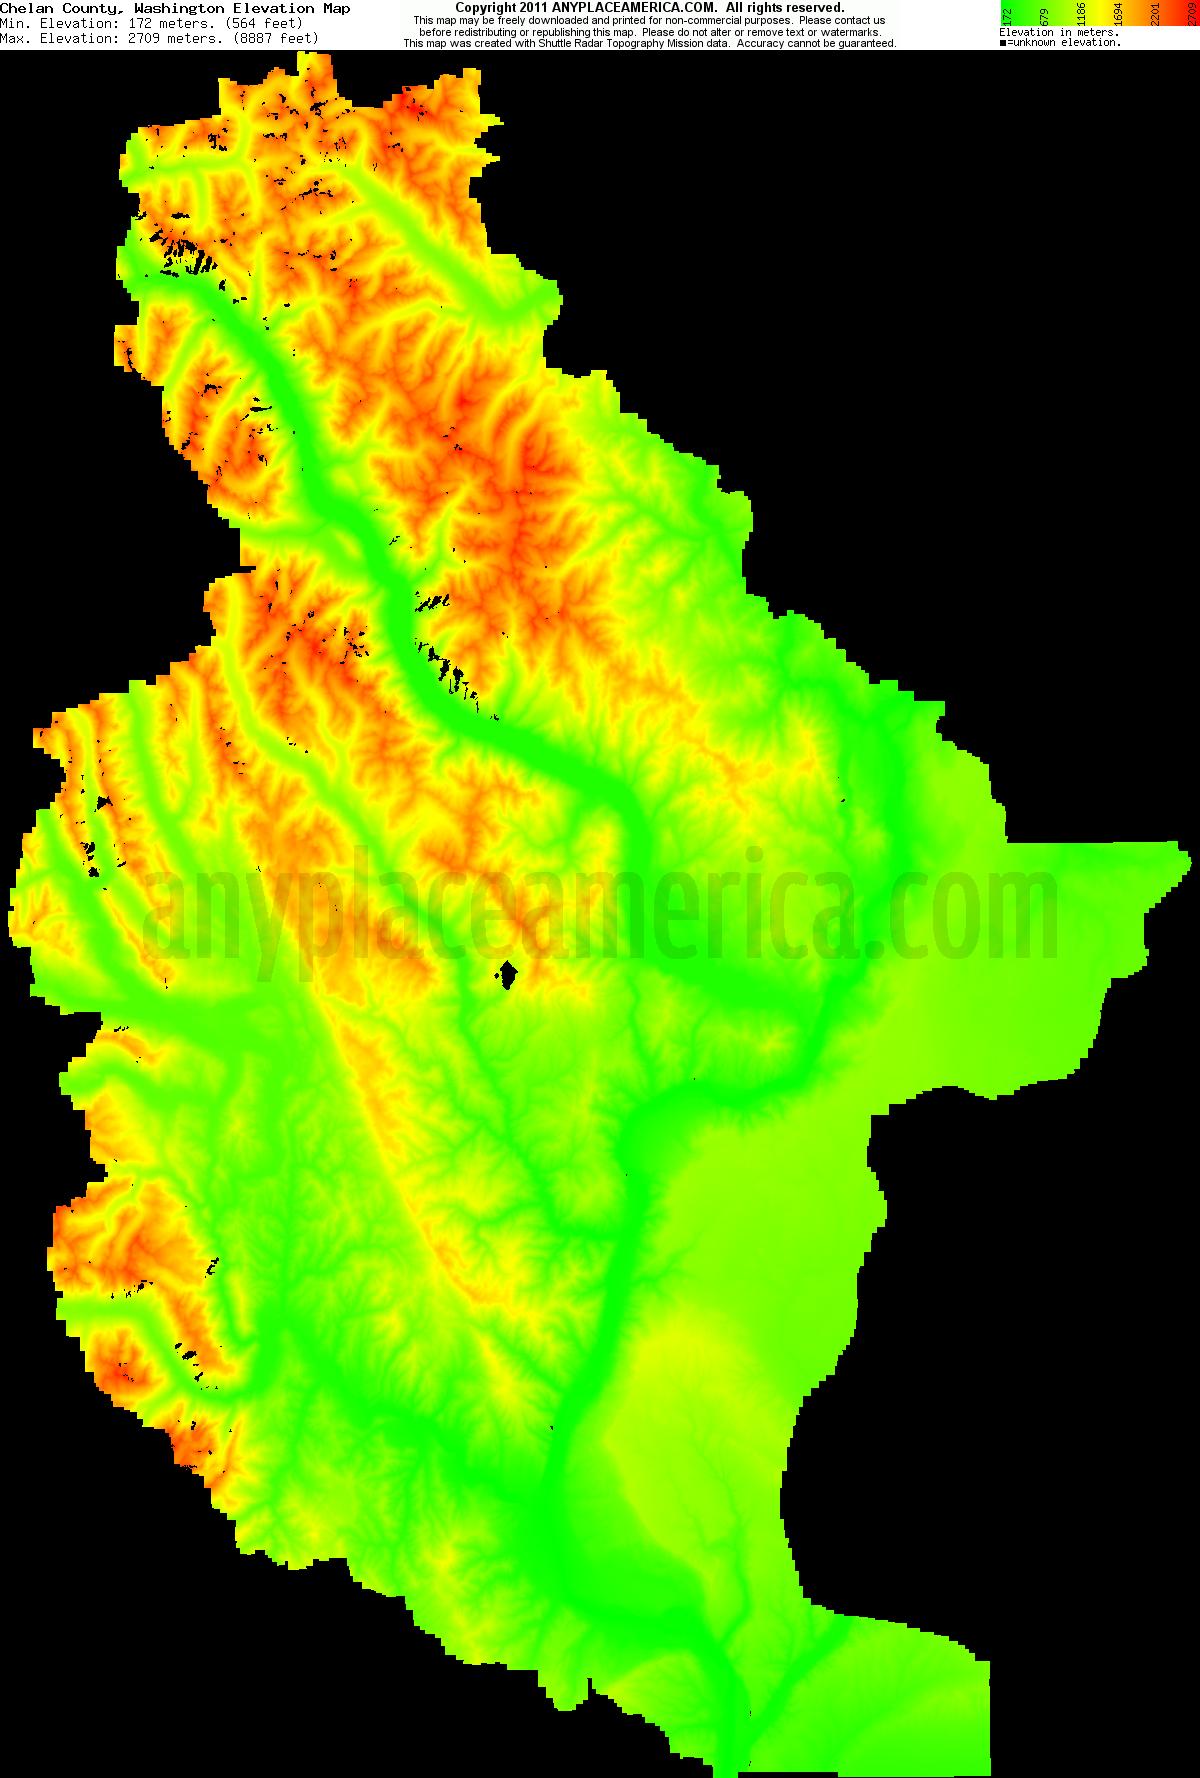 26 elegant Washington Elevation Map